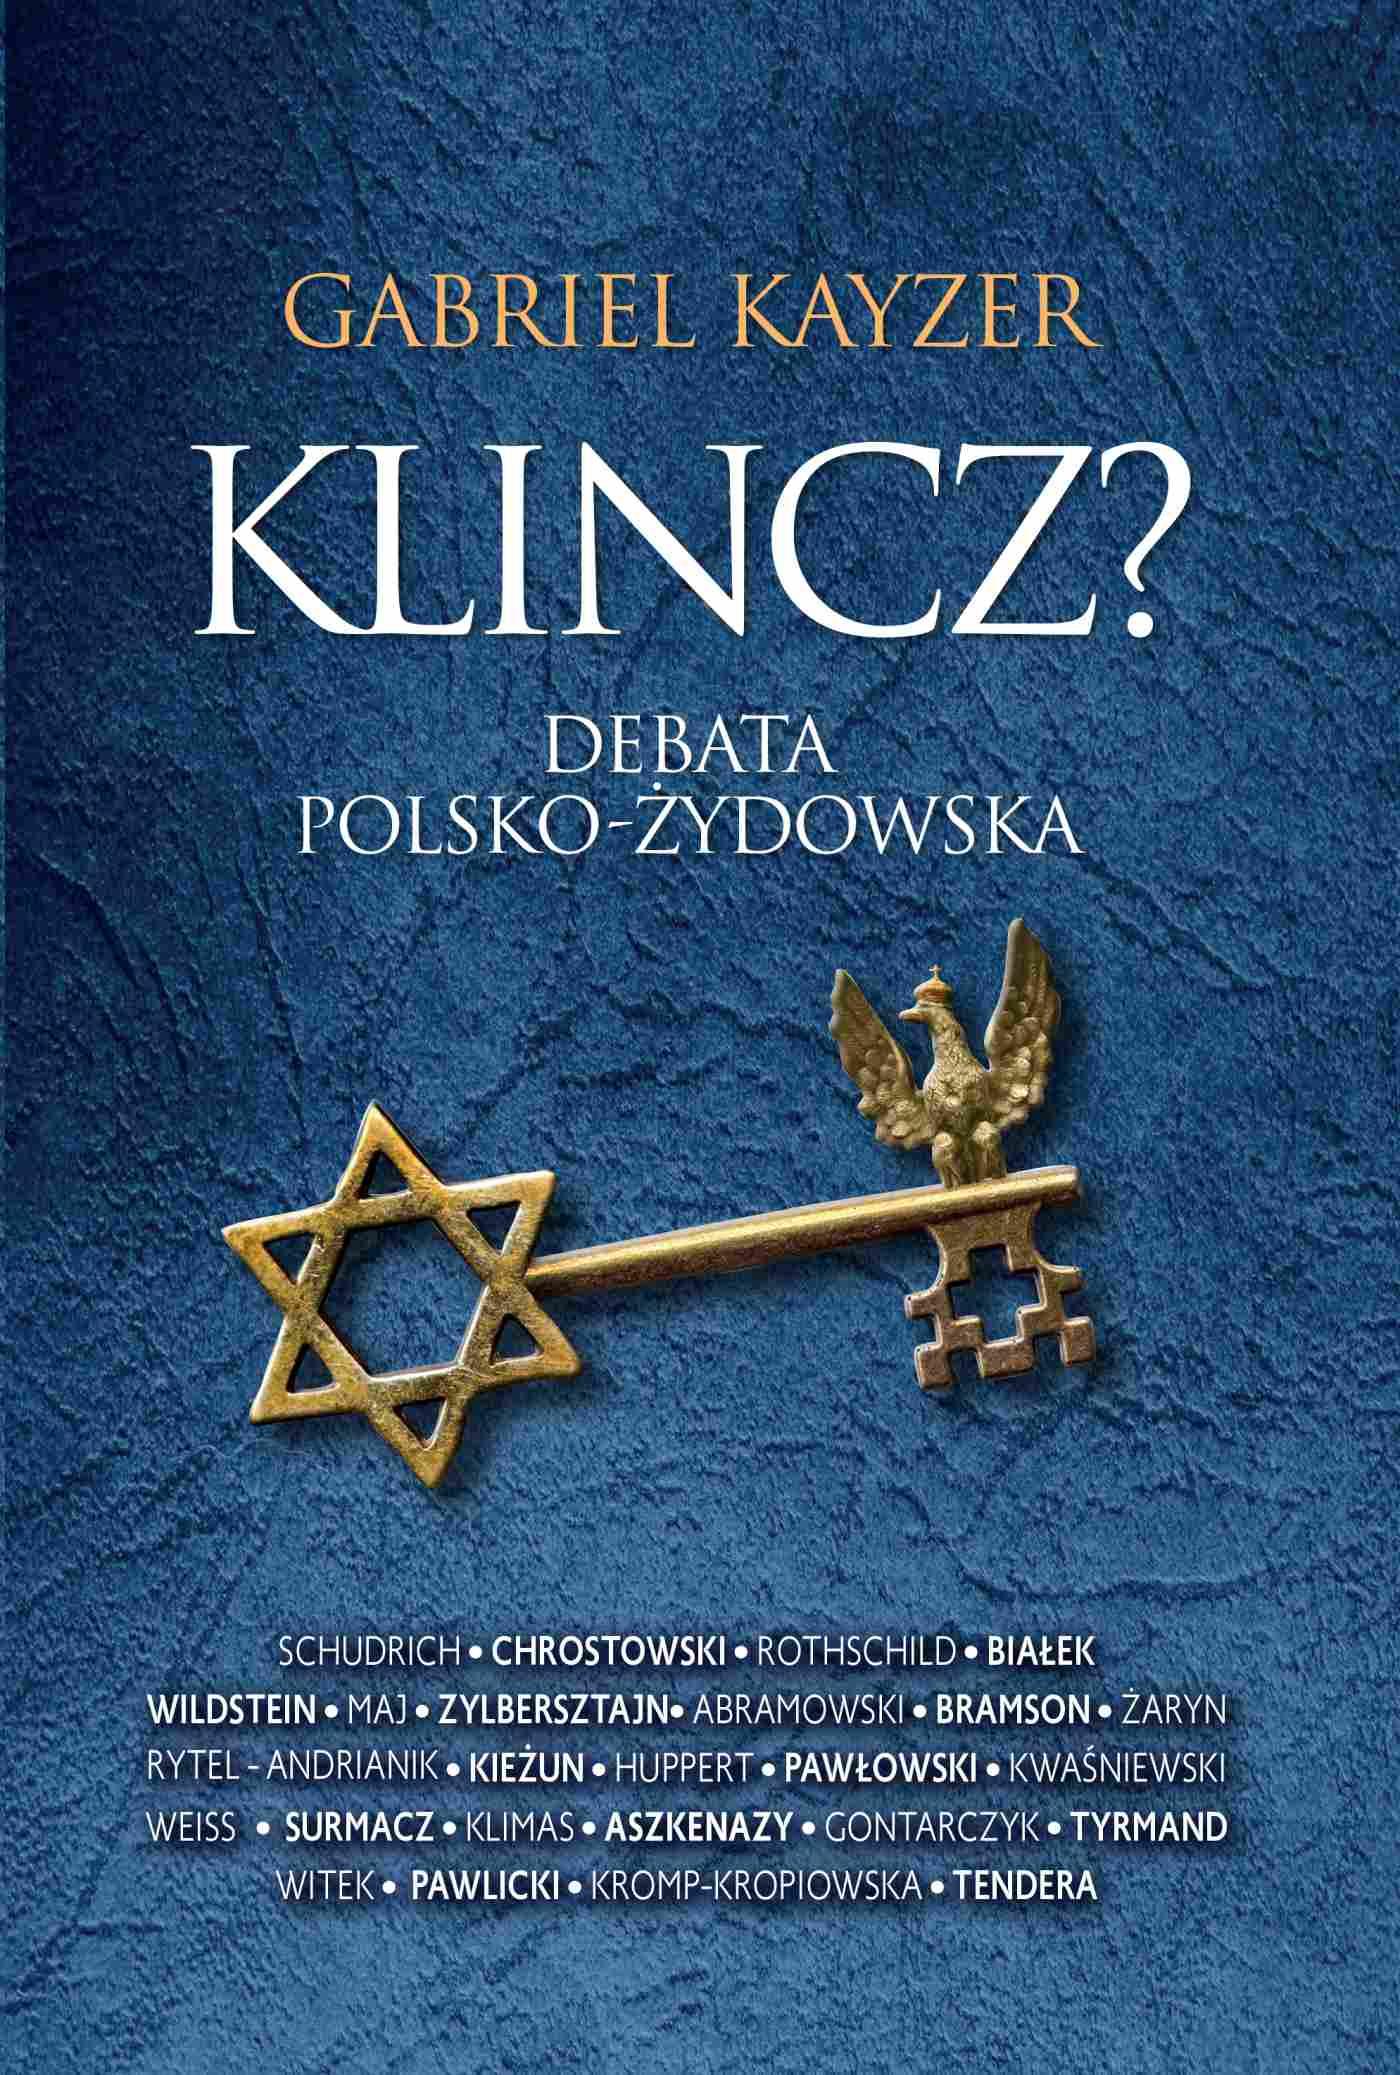 Klincz? Debata polsko - żydowska - Ebook (Książka EPUB) do pobrania w formacie EPUB